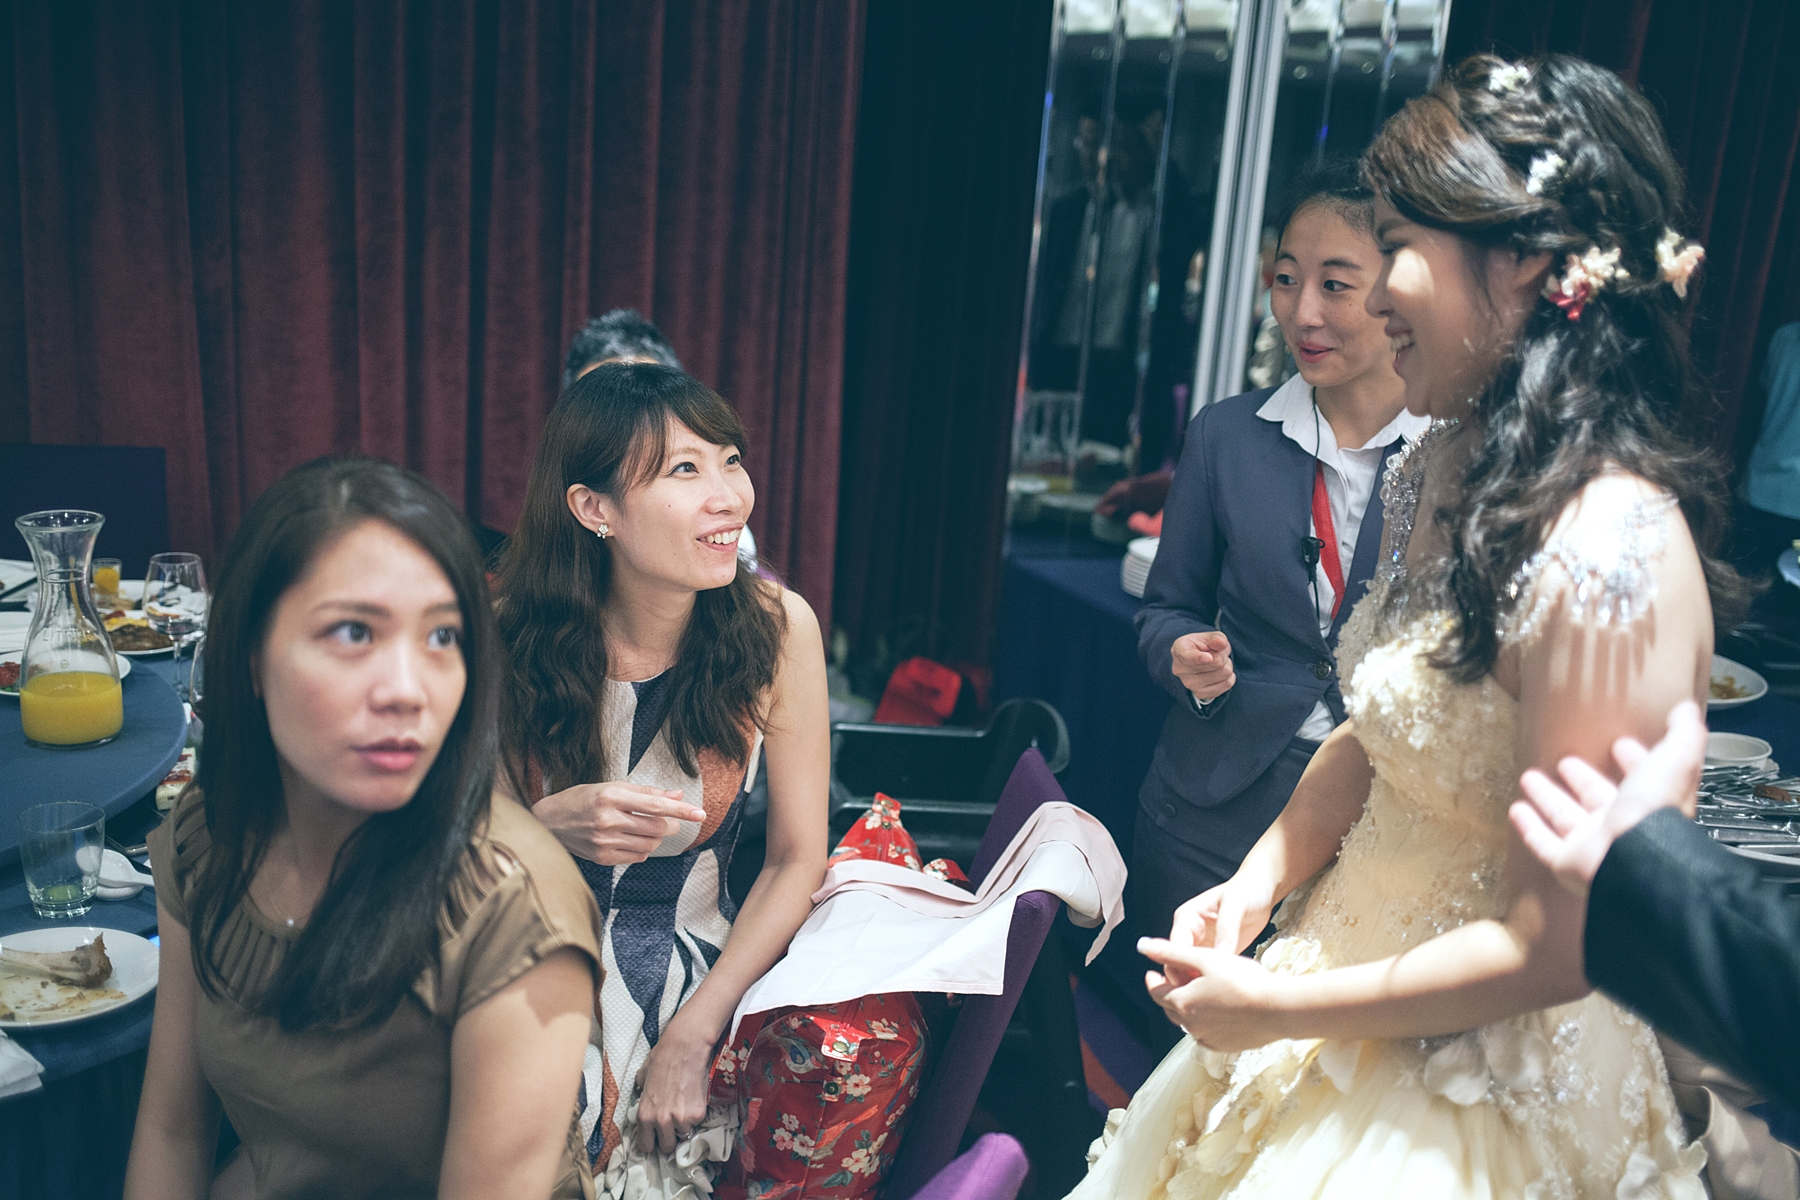 婚禮攝影,婚攝,婚禮記錄,台北,維多麗亞酒店,底片風格,自然